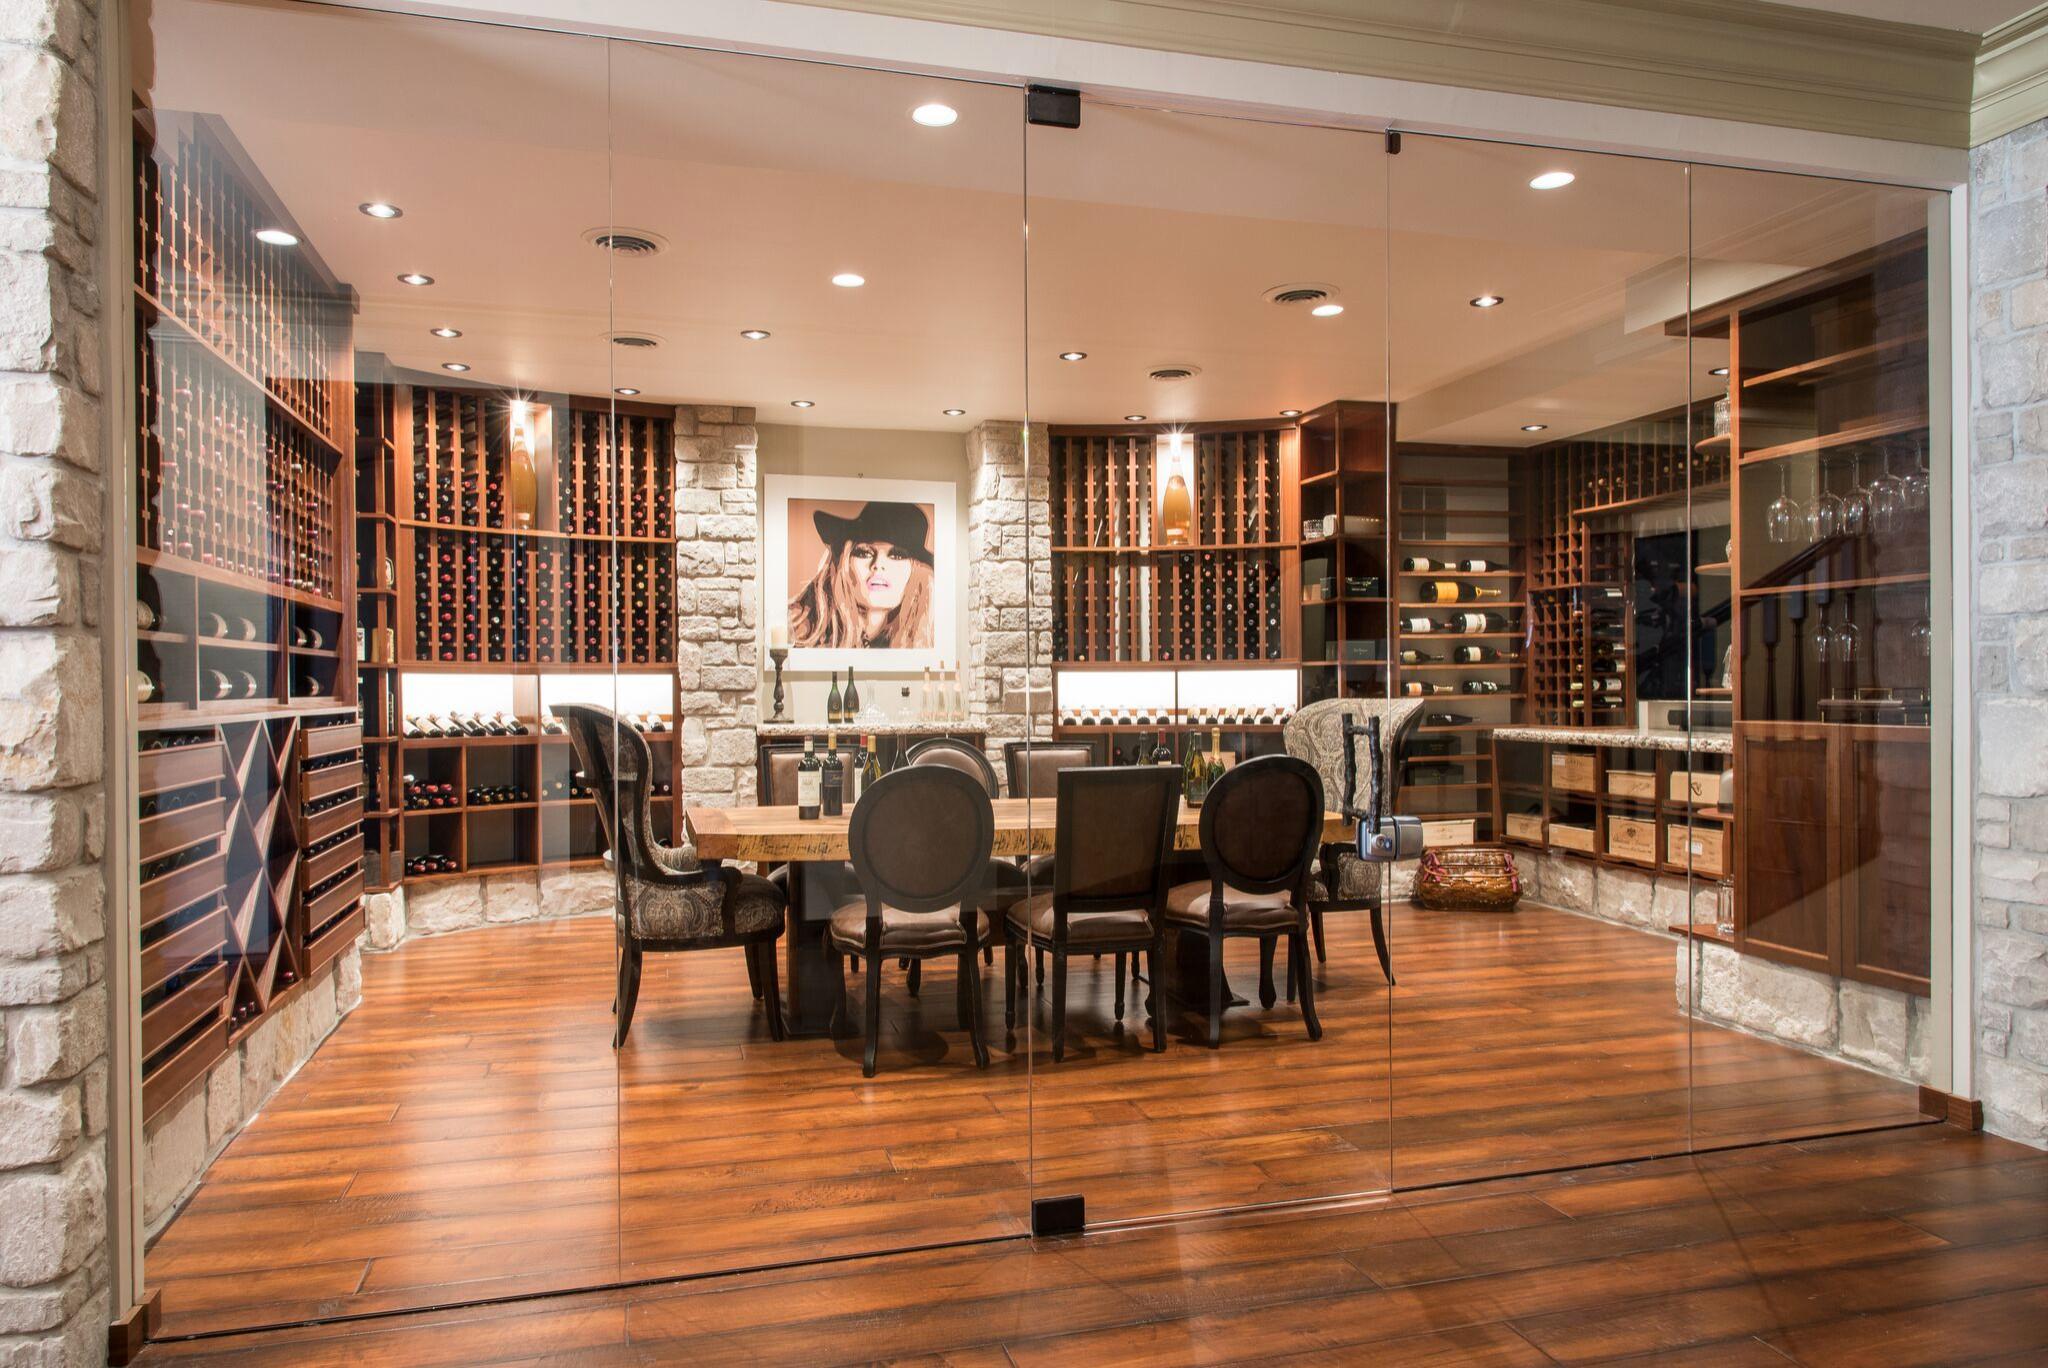 Ladue MO - Complete Interior & Exterior Remodel